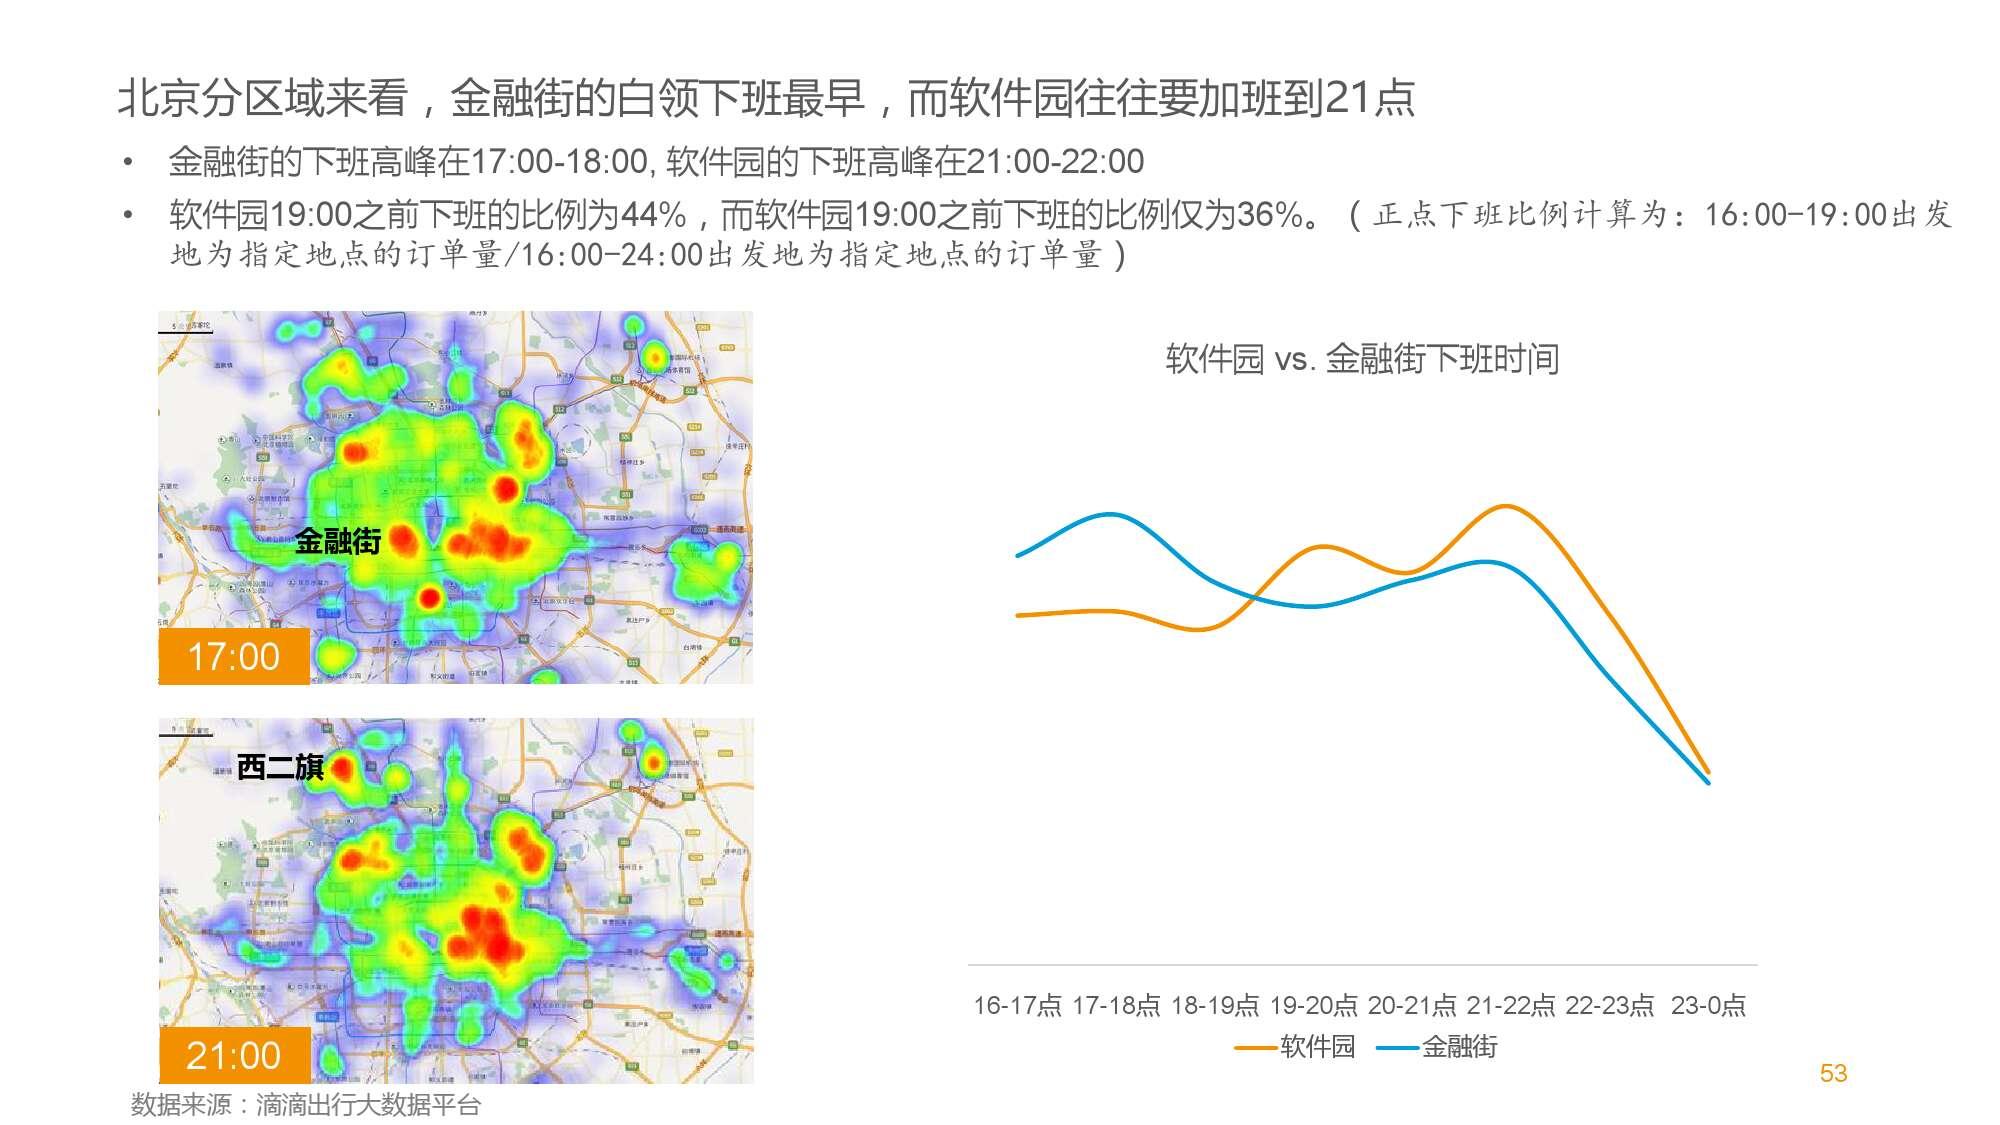 中国智能出行2015大数据报告_000053